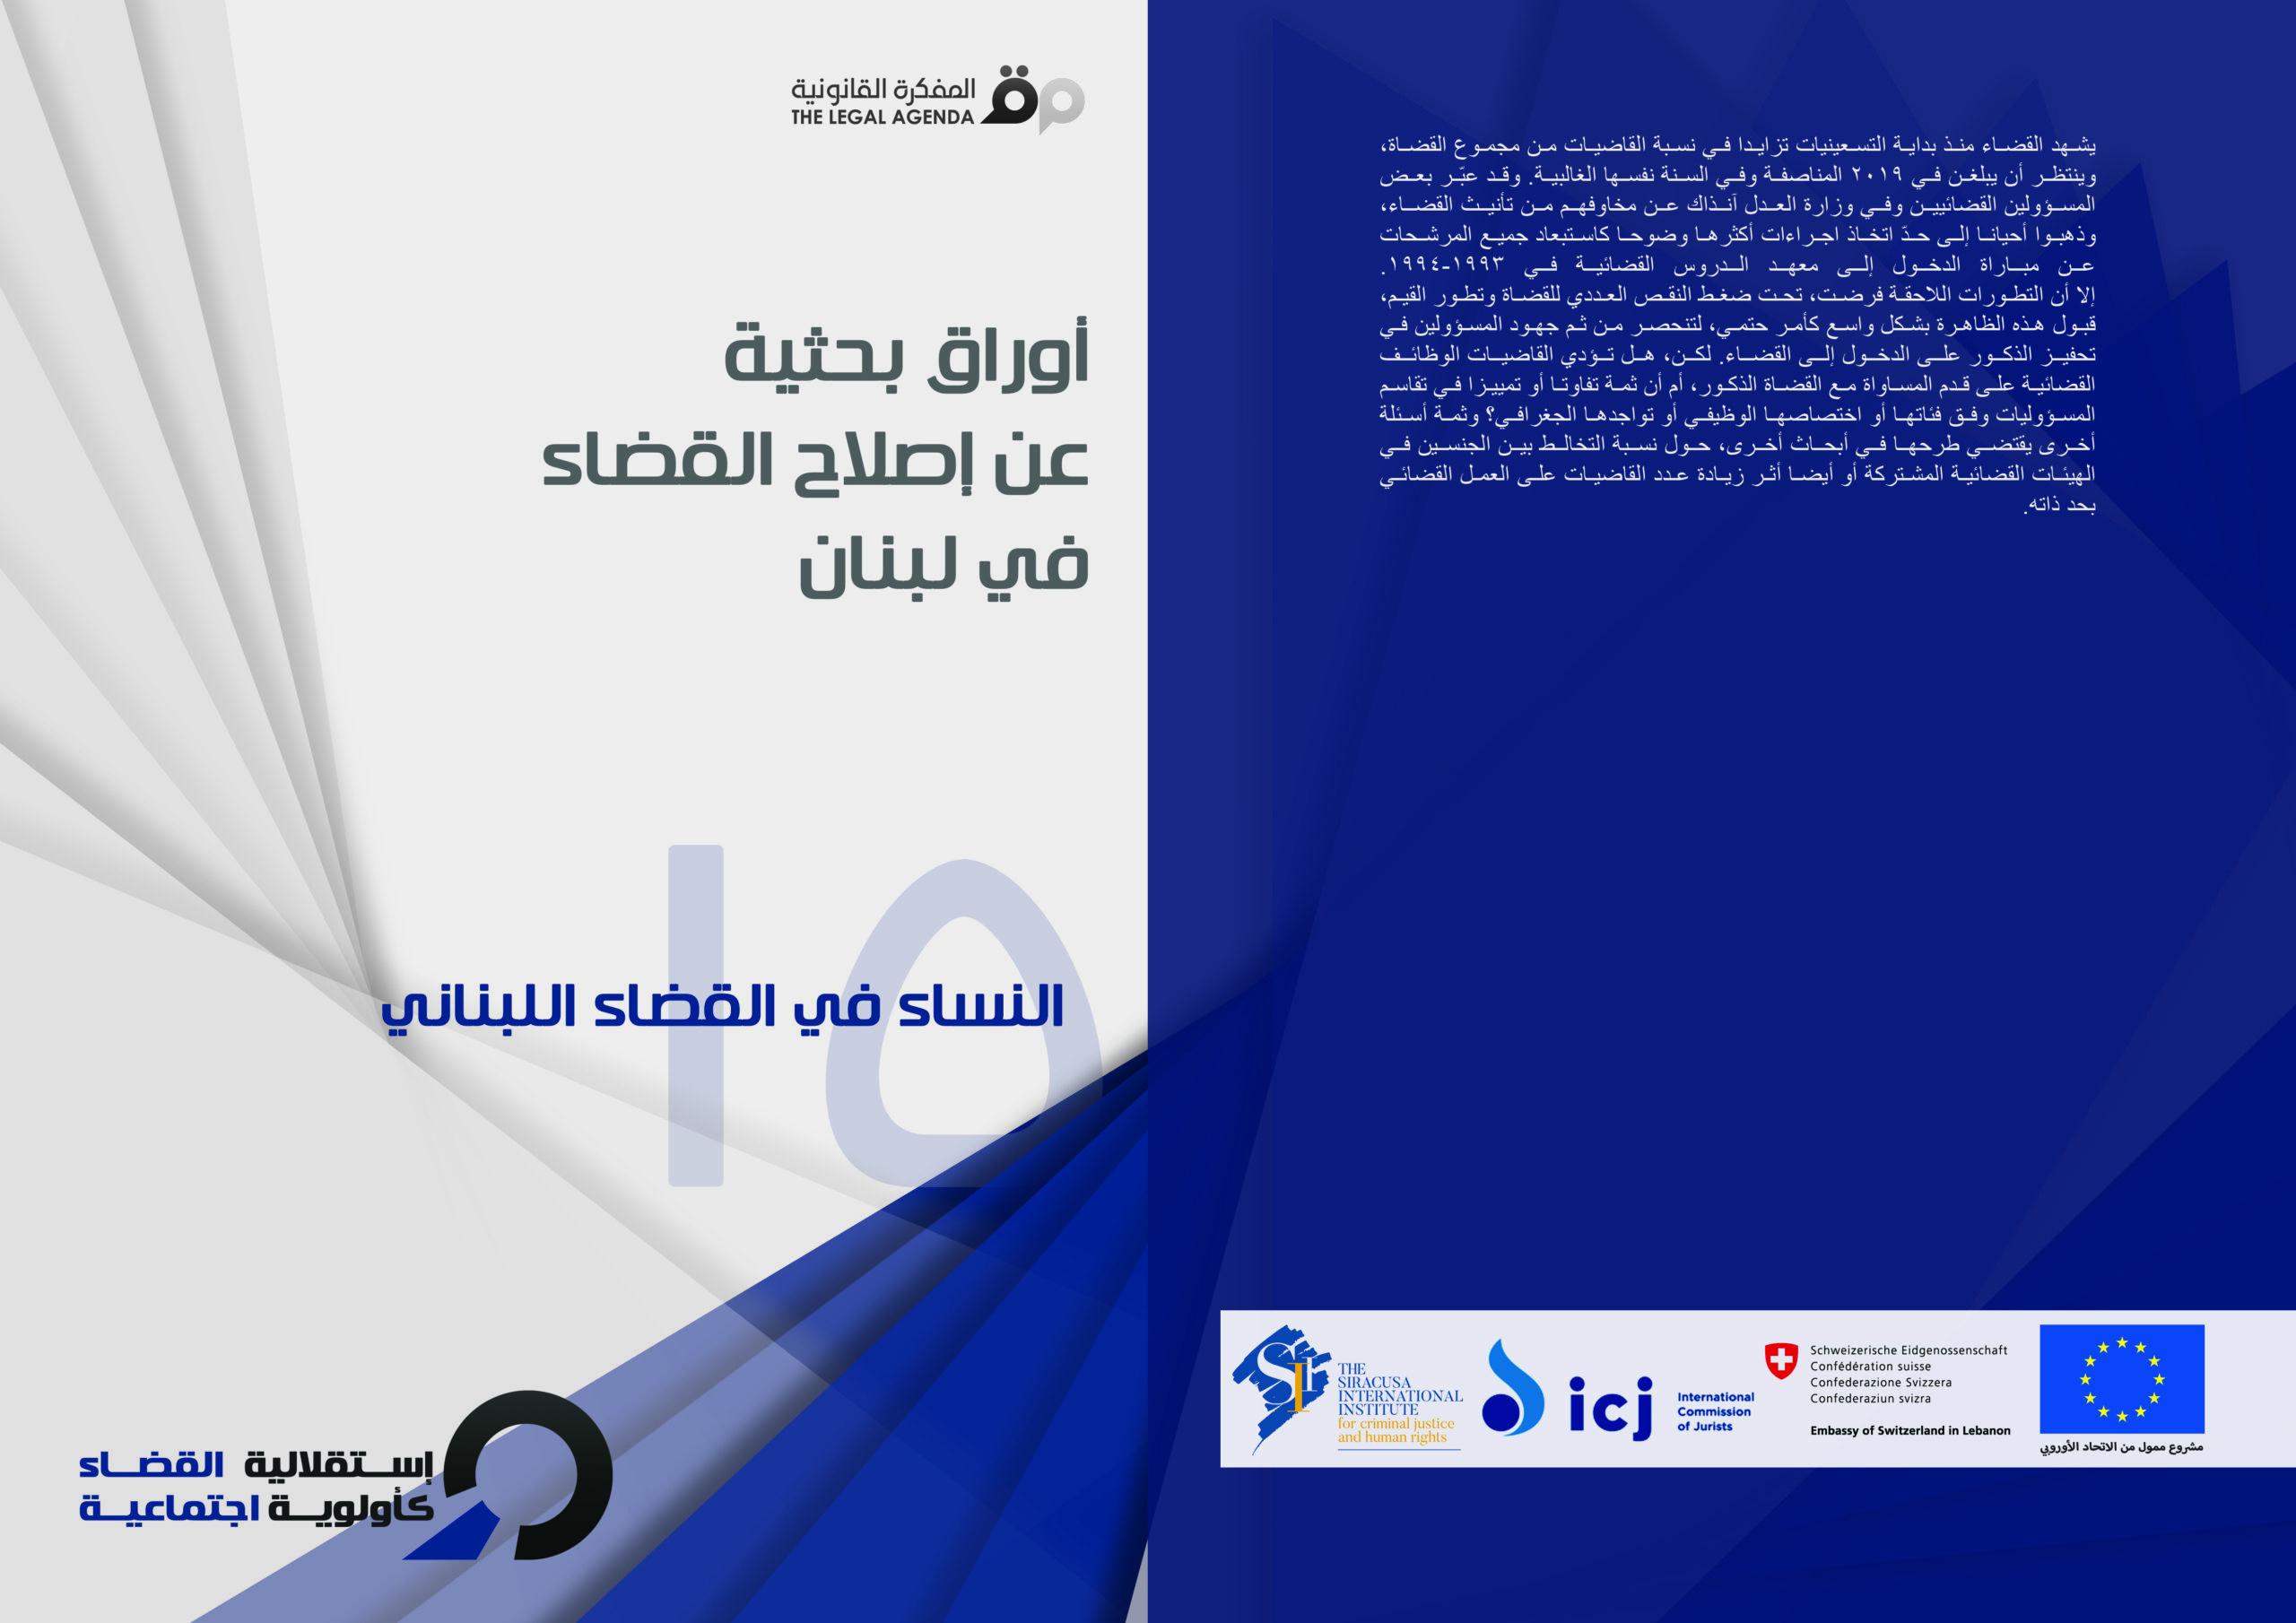 المفكرة تنشر ورقتها البحثية ال15 حول إصلاح القضاء في لبنان: النساء في القضاء اللبناني